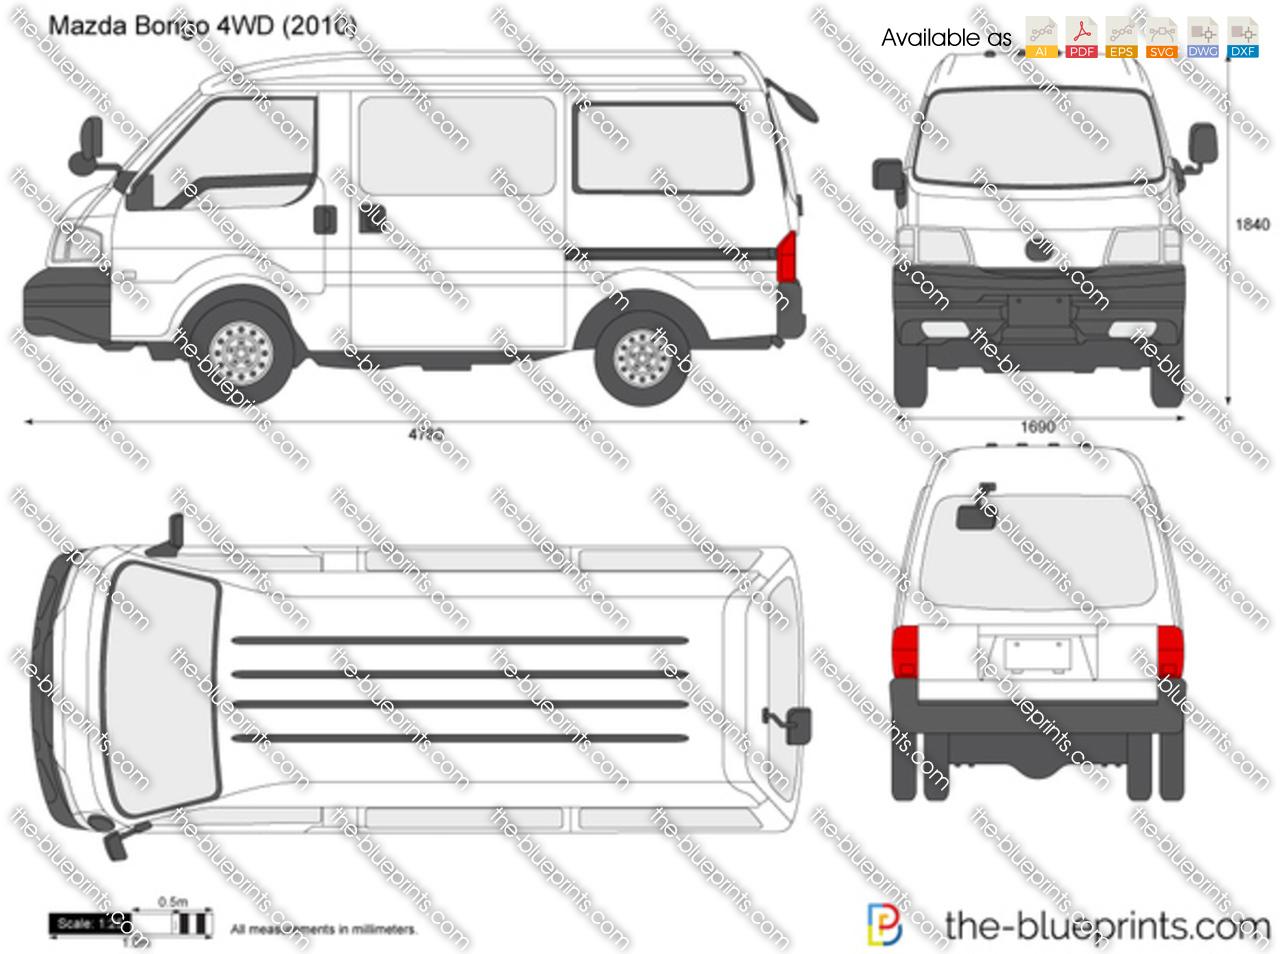 Mazda Bongo 4WD 2003